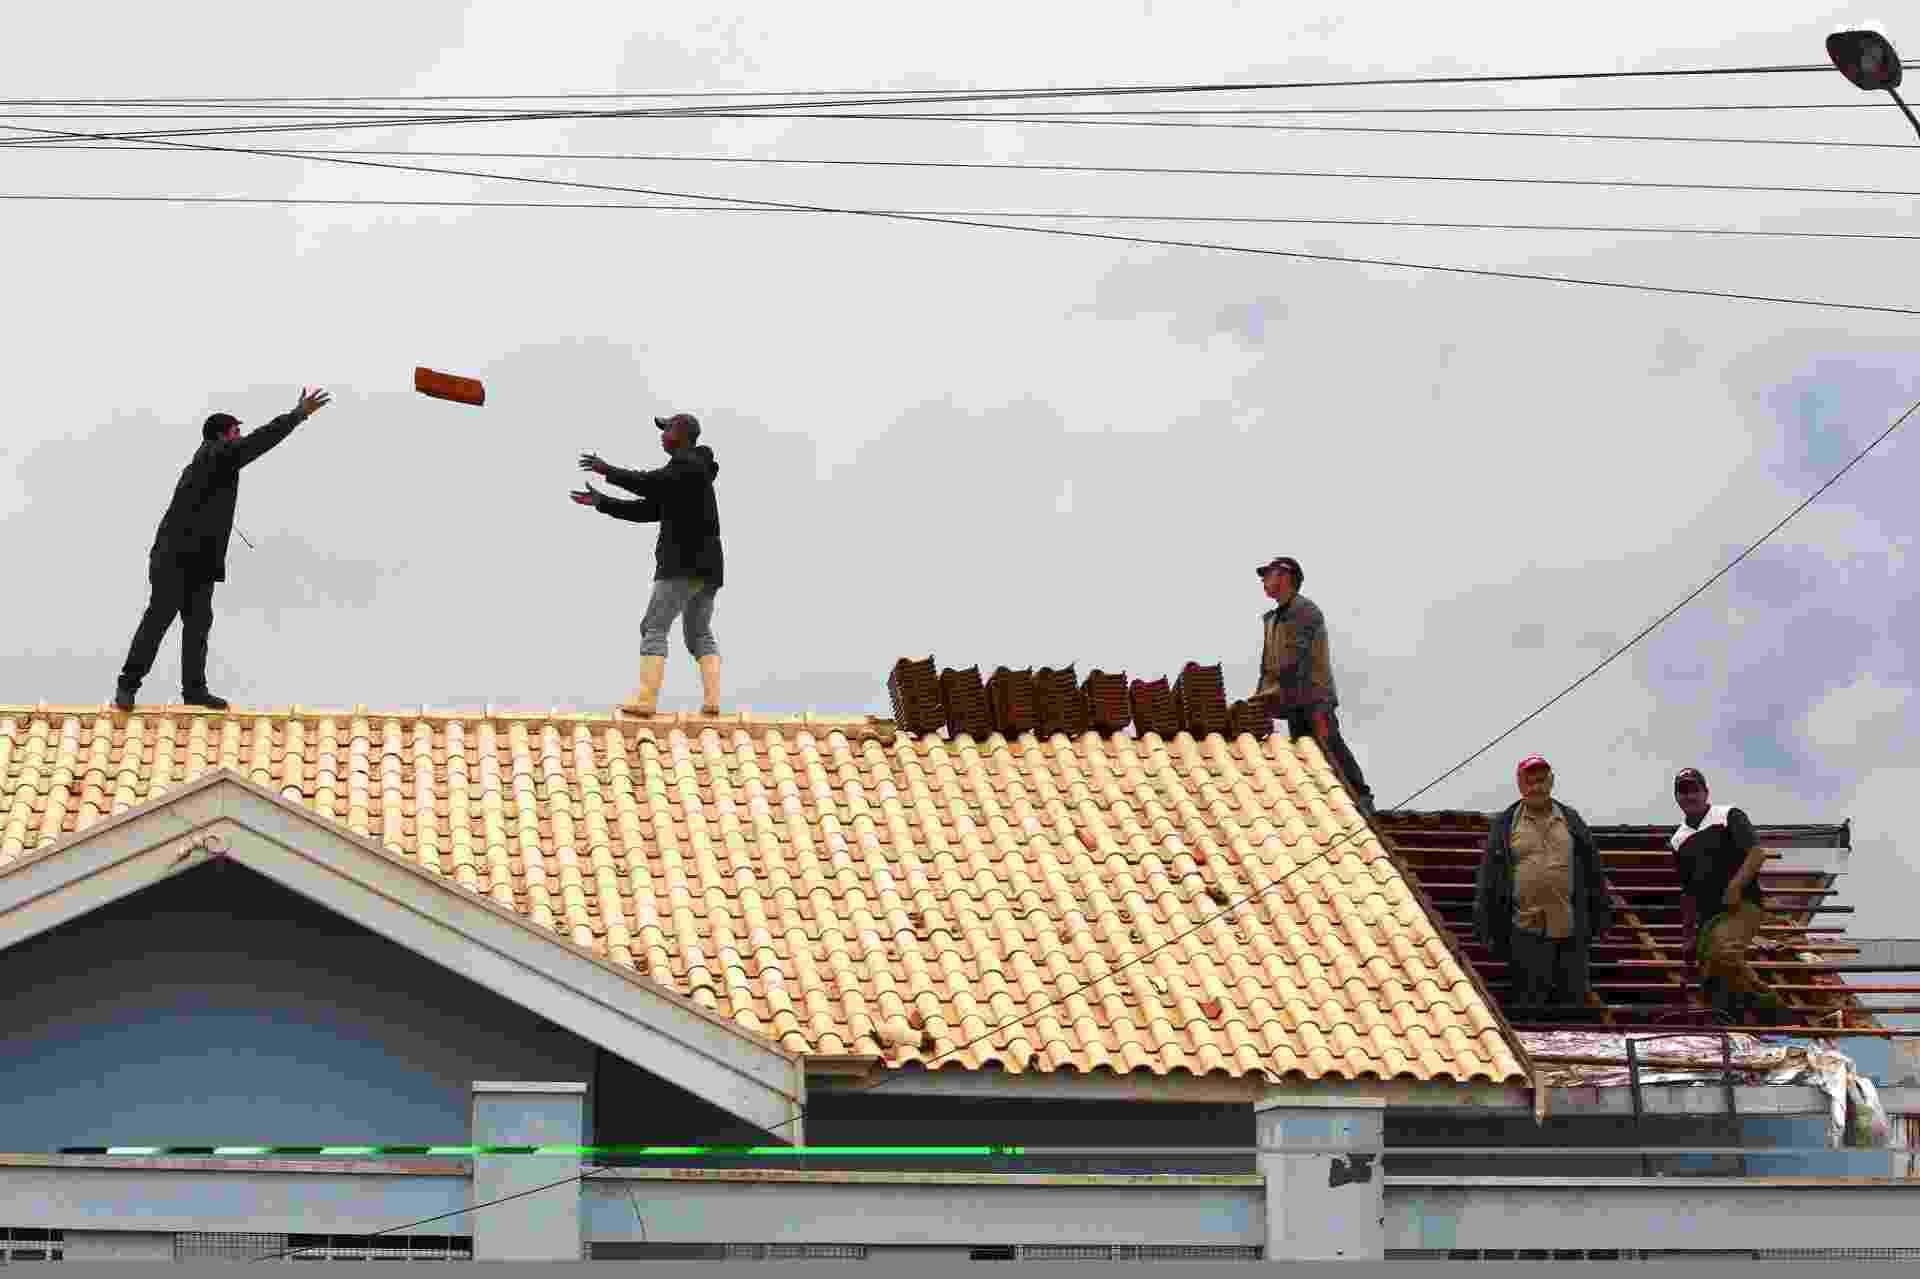 23.set.2013 -  Moradores do bairro BNH, no centro de Taquarituba, fazem mutirão para recolocar telhas levadas pelos fortes ventos do tornado que atingiu a cidade - Juca Varella/Folhapress